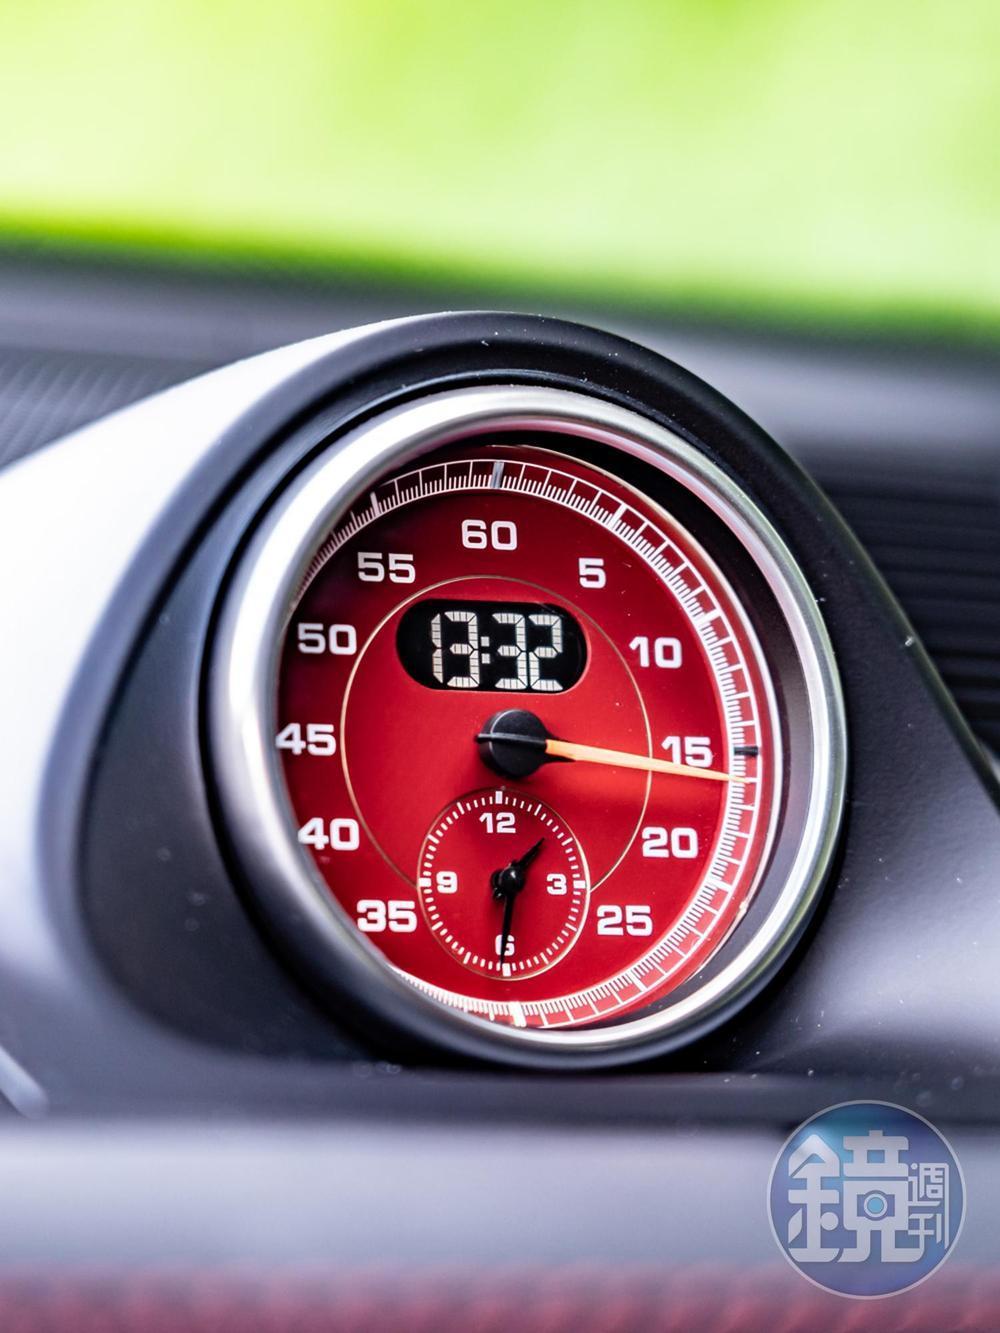 選配跑車計時套件才有的中控台上方數位與類比雙顯計時碼錶。